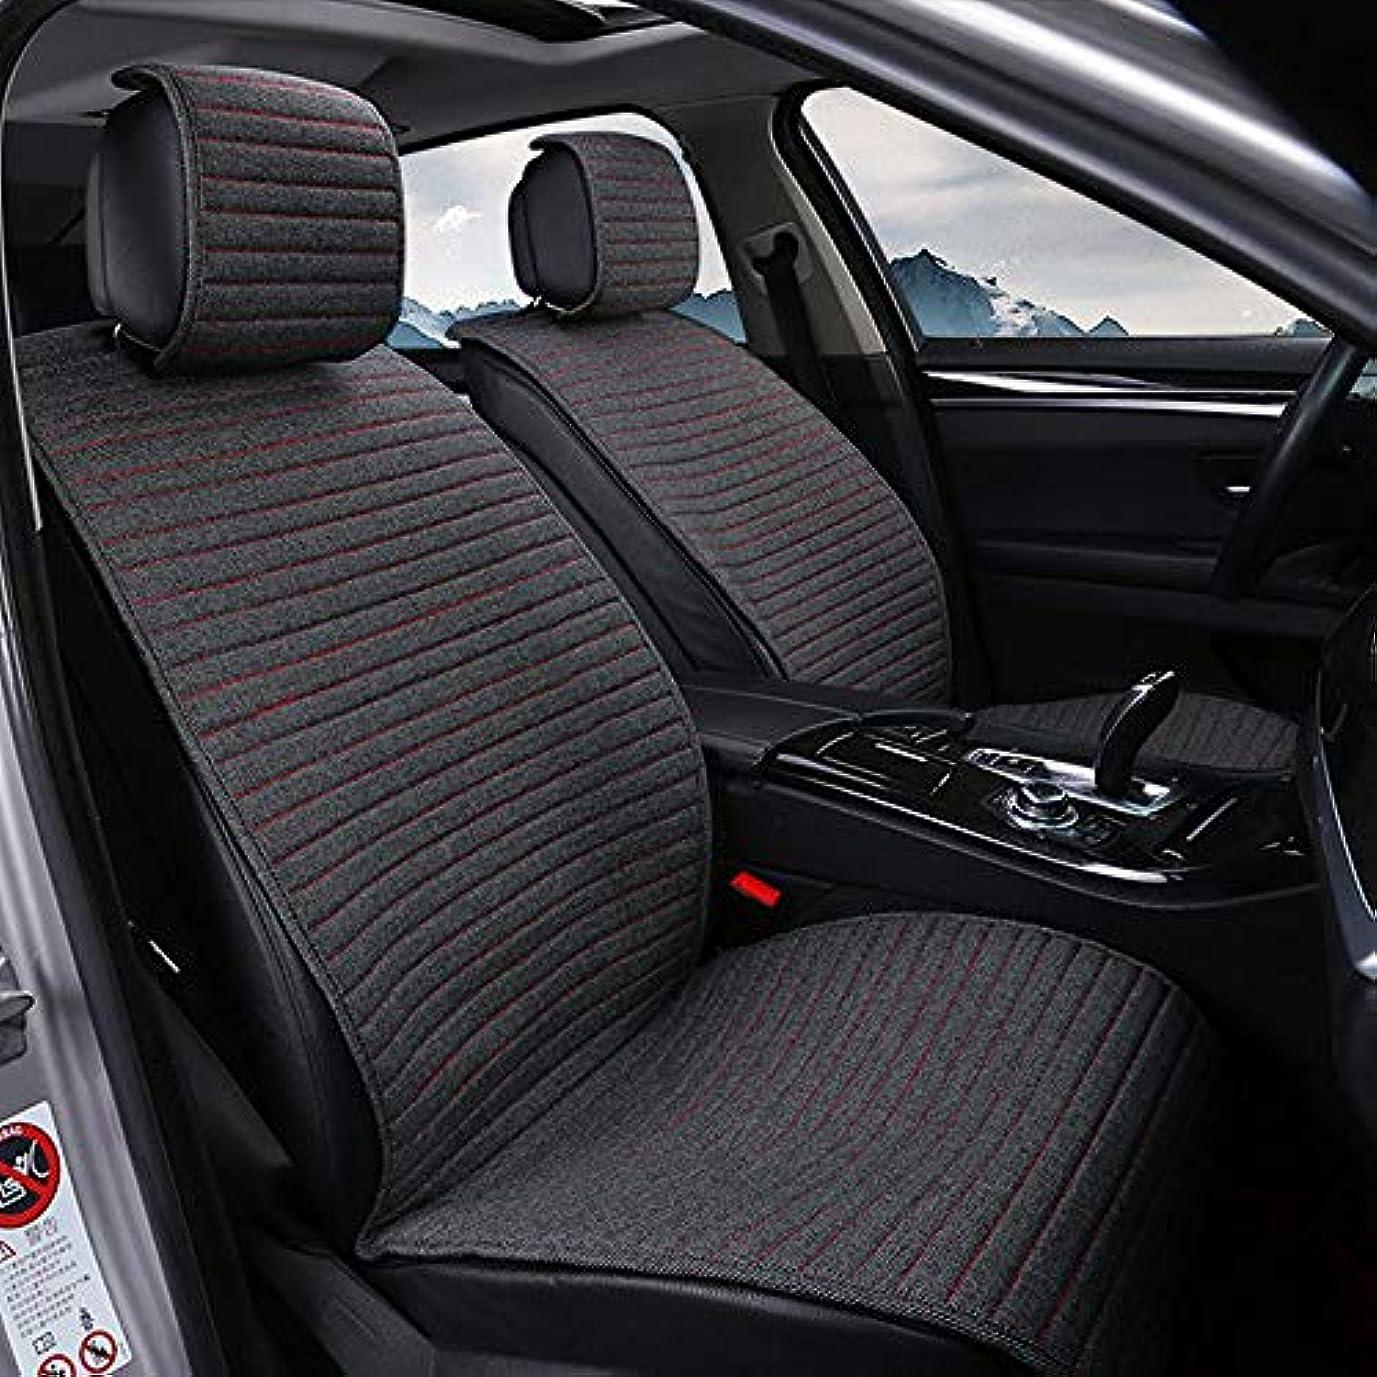 安心させる洞察力のある駐地アウディA1と互換性があります4シーズンユニバーサルリネンハーフパックシートクッション5席用カーシートプロテクターカバーオートインテリアアクセサリー